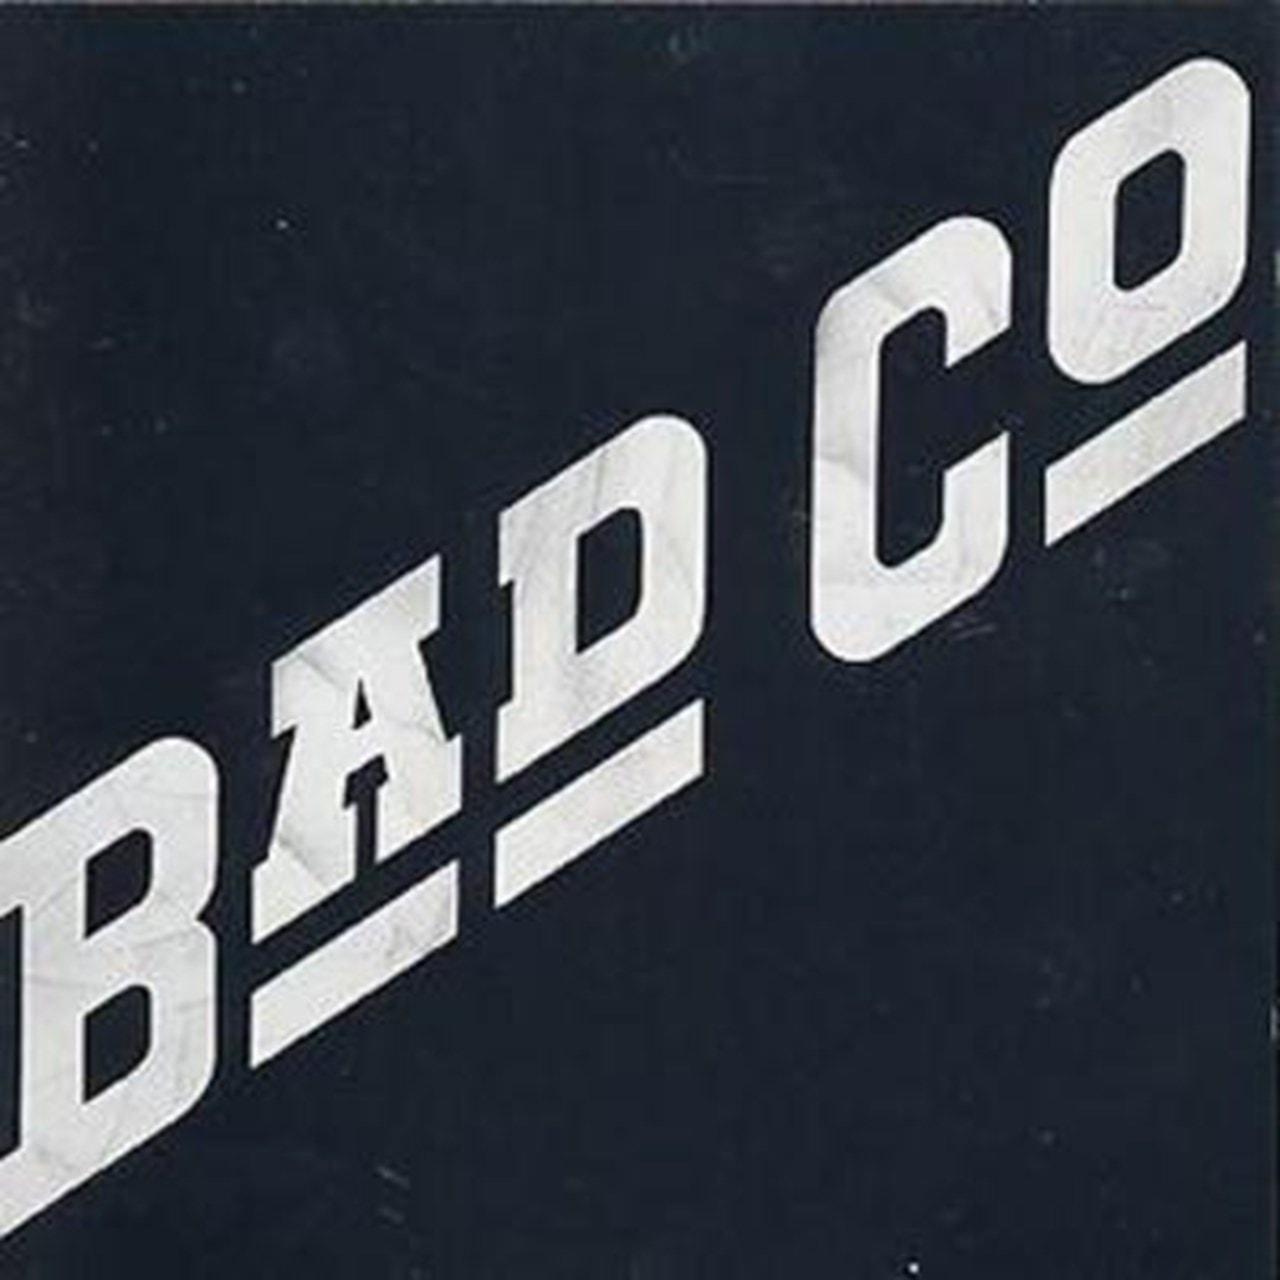 Bad Company - 1